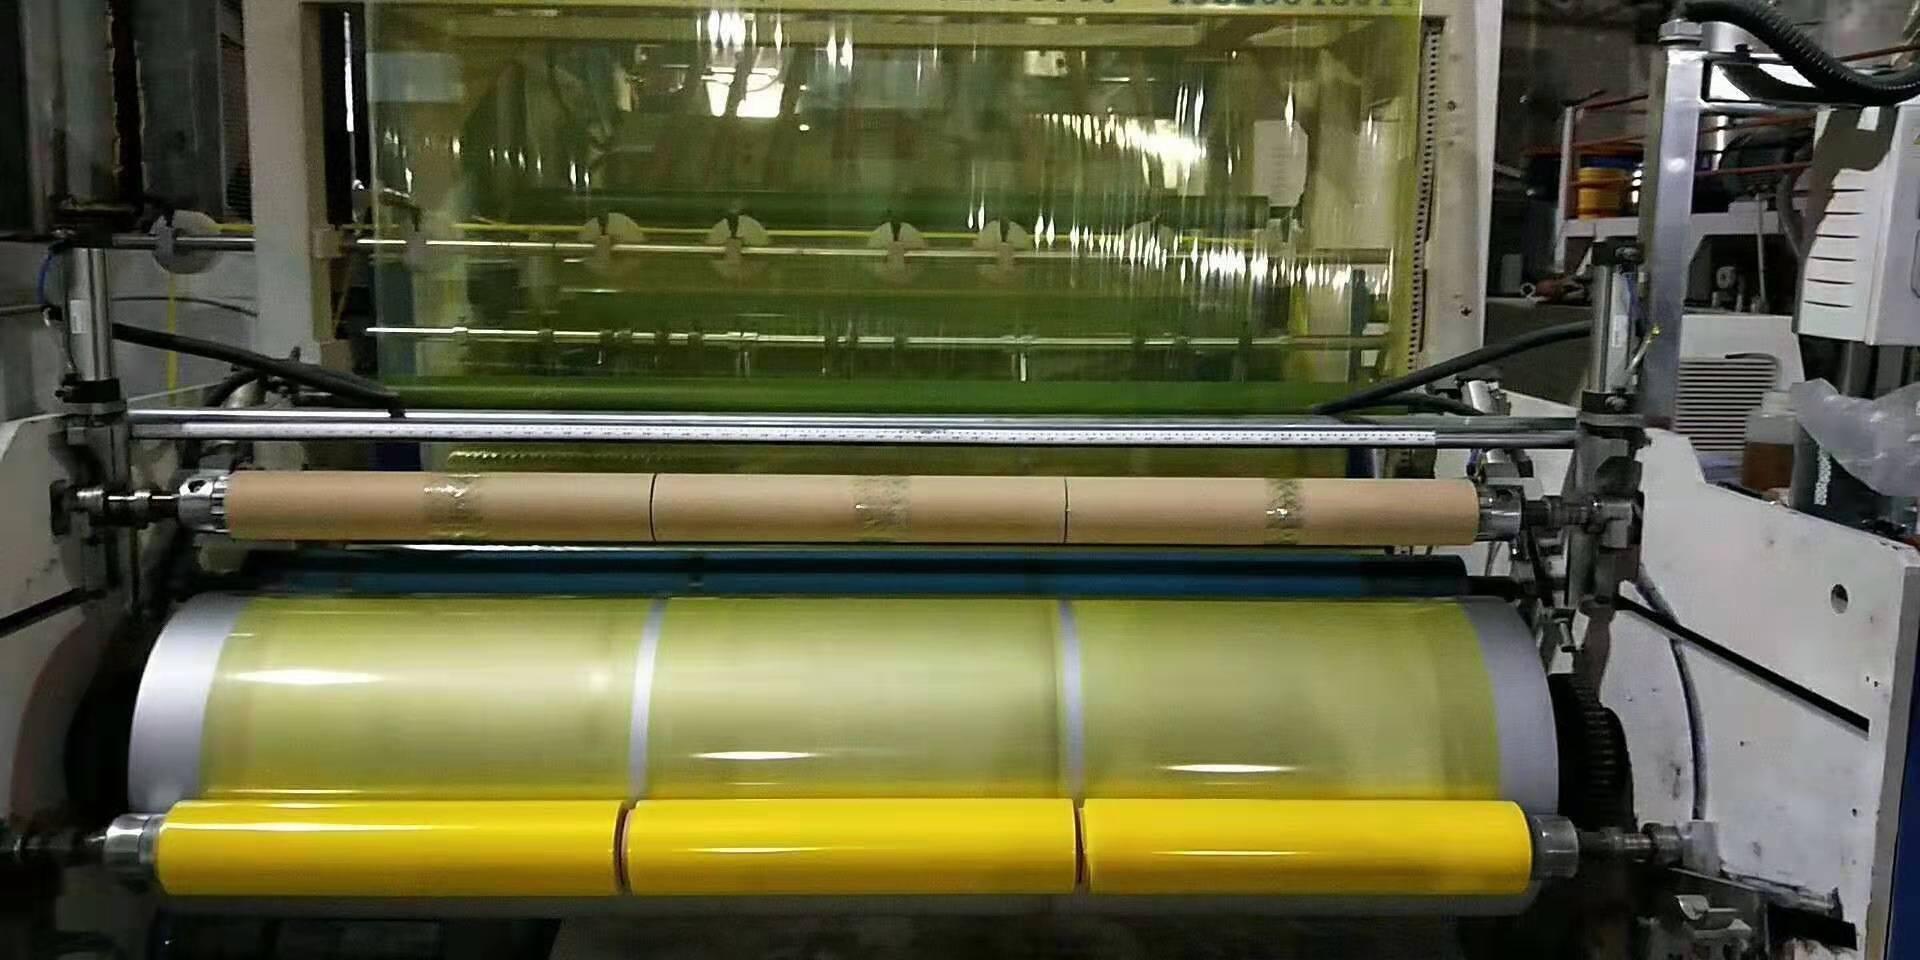 濟南拉伸纏繞膜廠家,拉伸纏繞膜定做,山東凱祥包裝